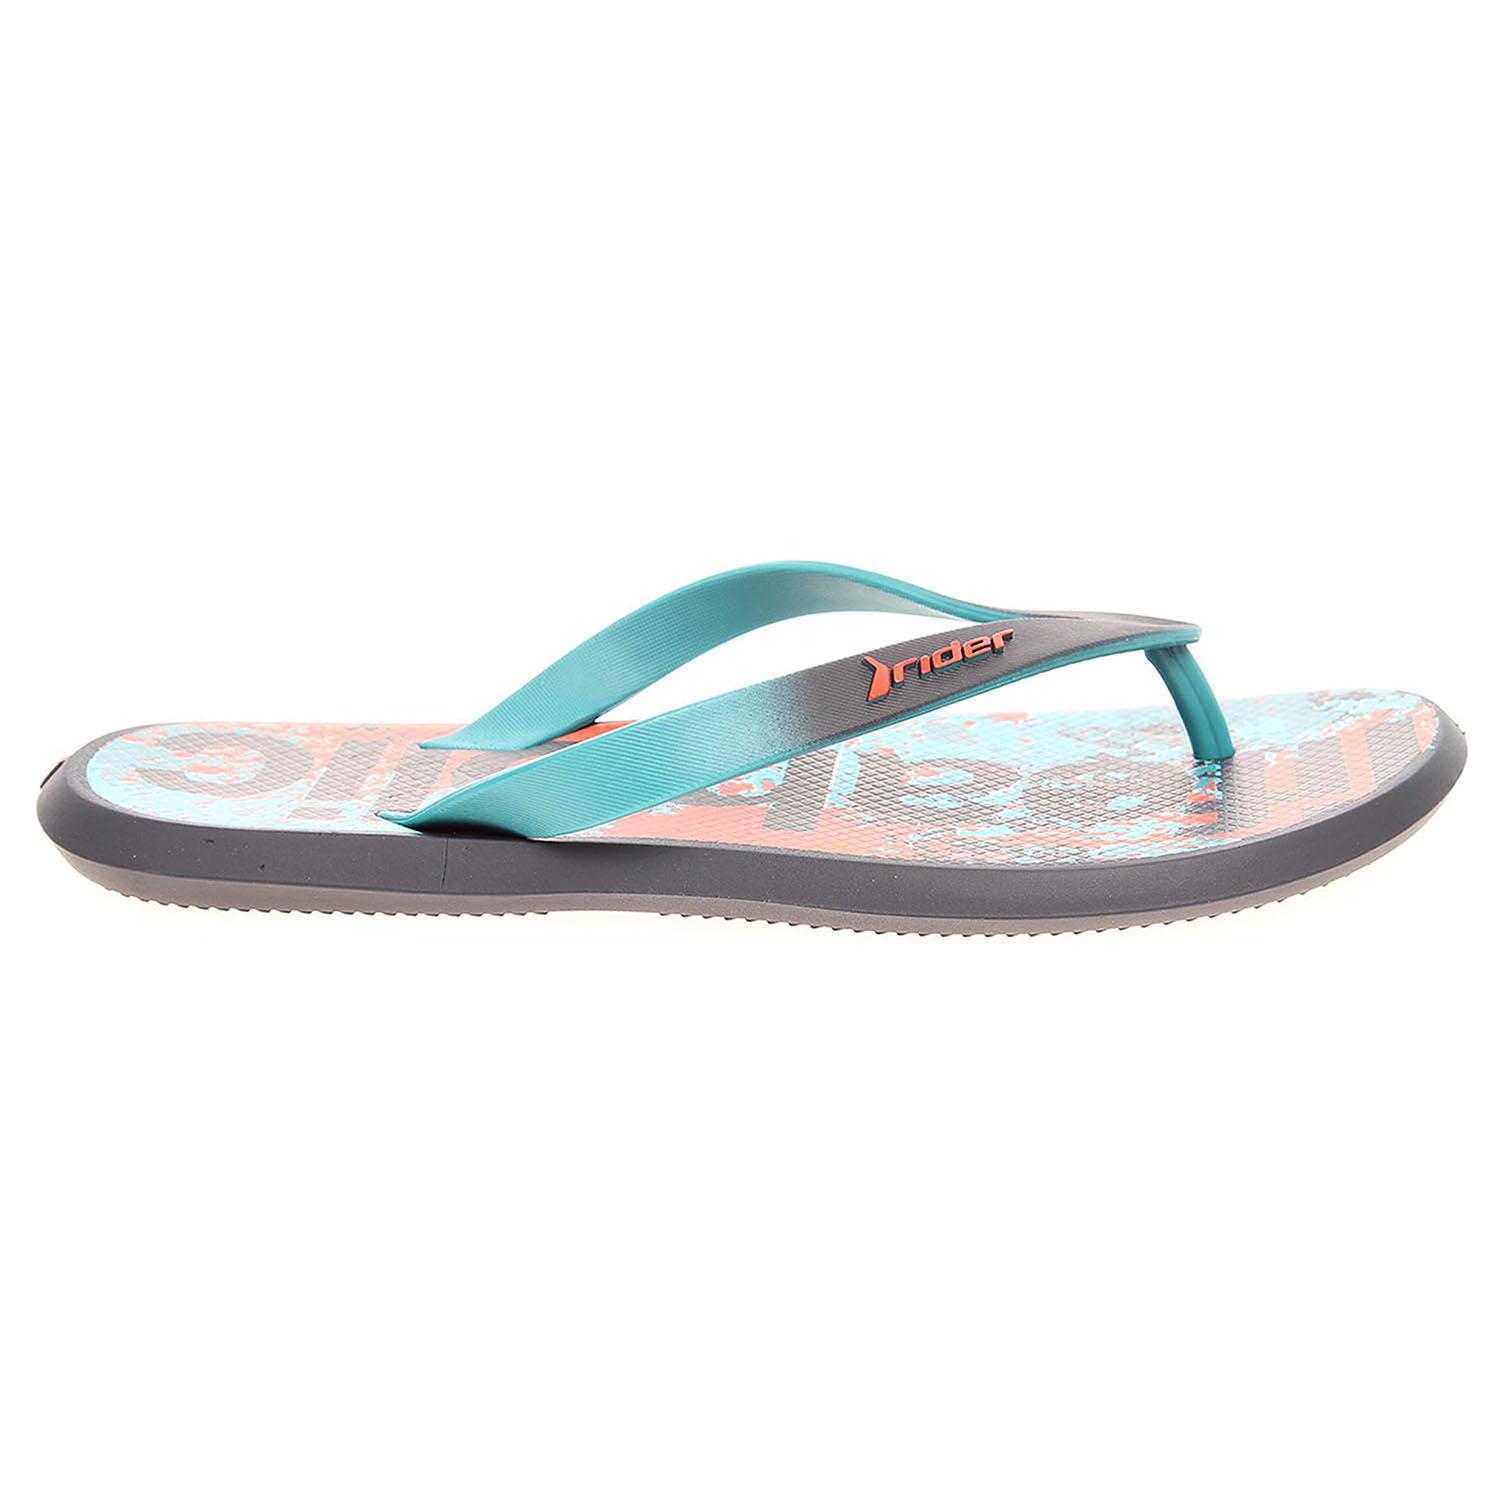 Ecco Rider pánské plážové pantofle 82024 23563 modré 24500137